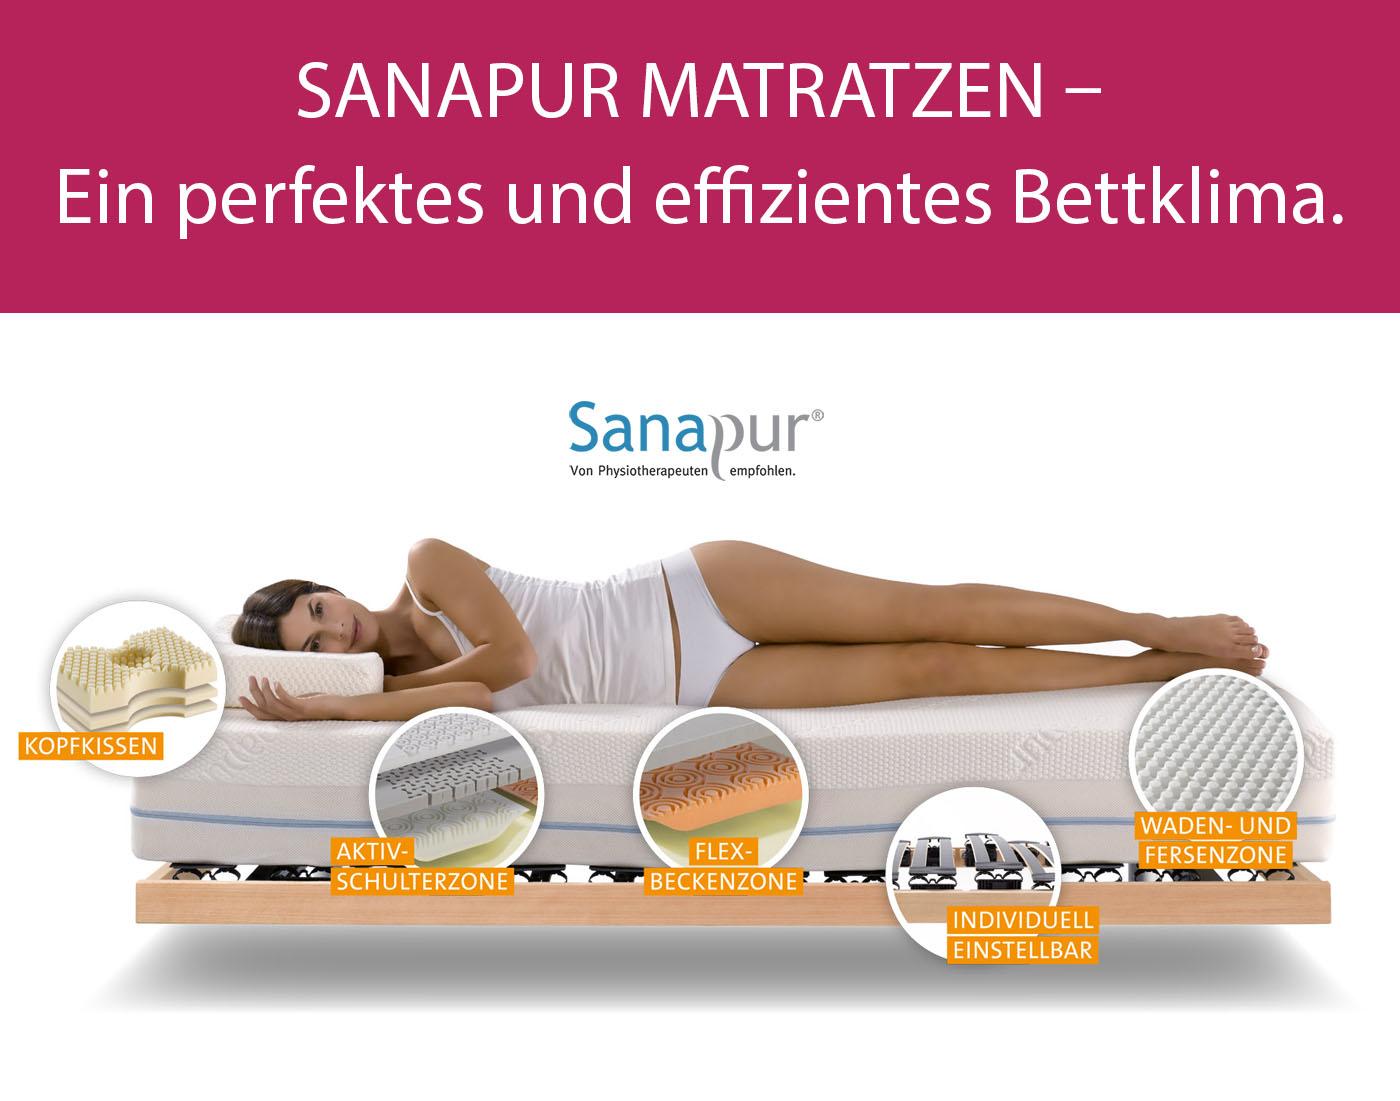 Sanapur Matratzen - ein perfektes und effizientes Bettklima